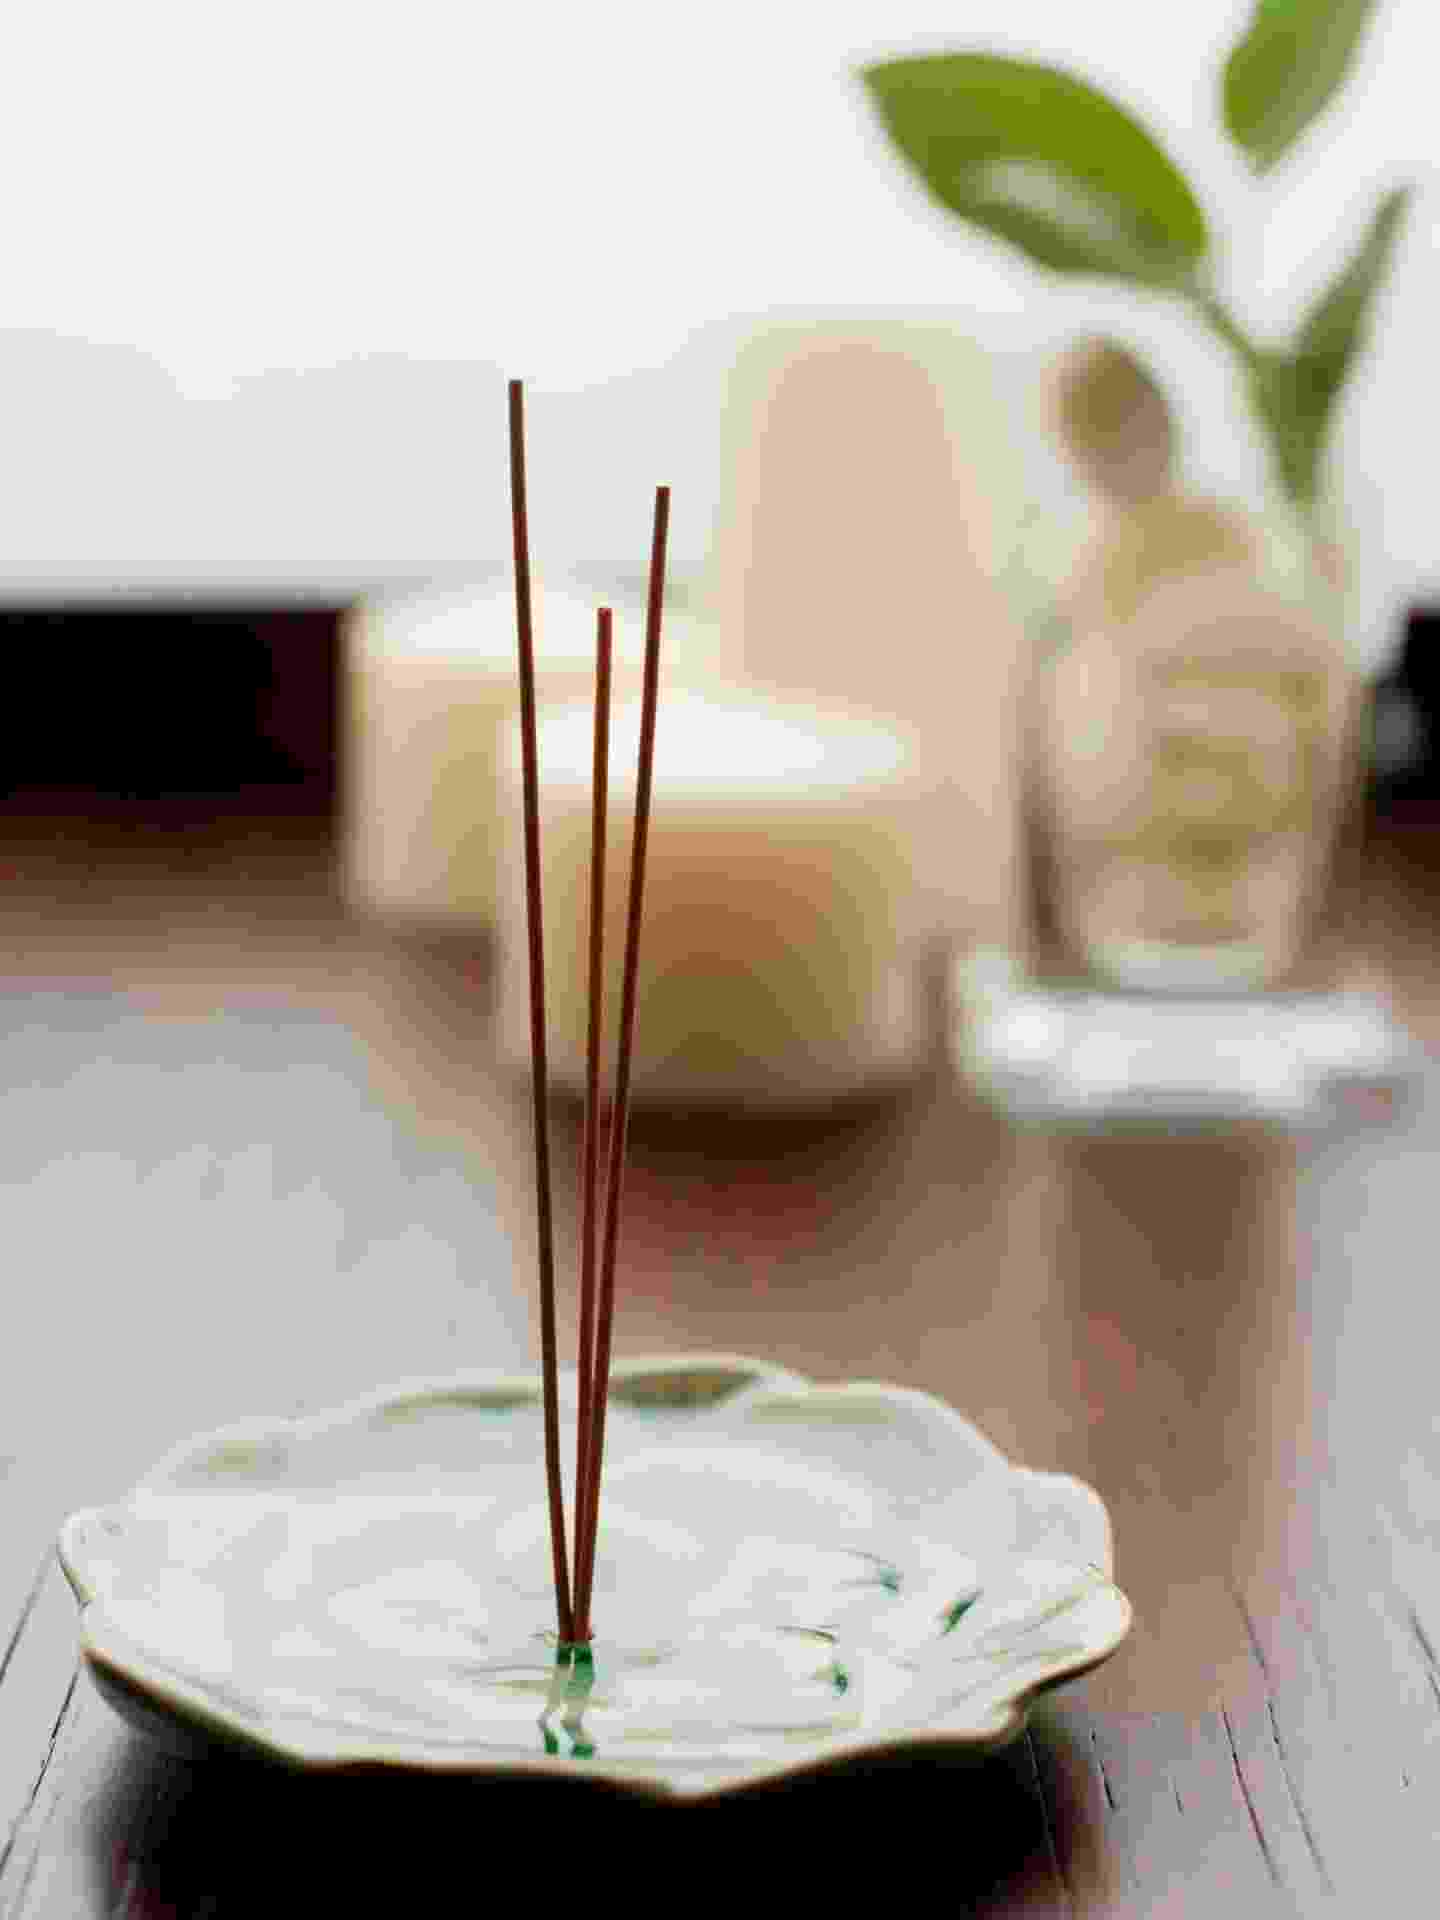 Para energizar a casa na virada do ano, acenda um incenso. O de lavanda, por exemplo, ajuda a estimular o bem estar na lar I  Fonte: Titi Vidal, radiestesista, astróloga e taróloga (www.titividal.com.br) - Getty Images